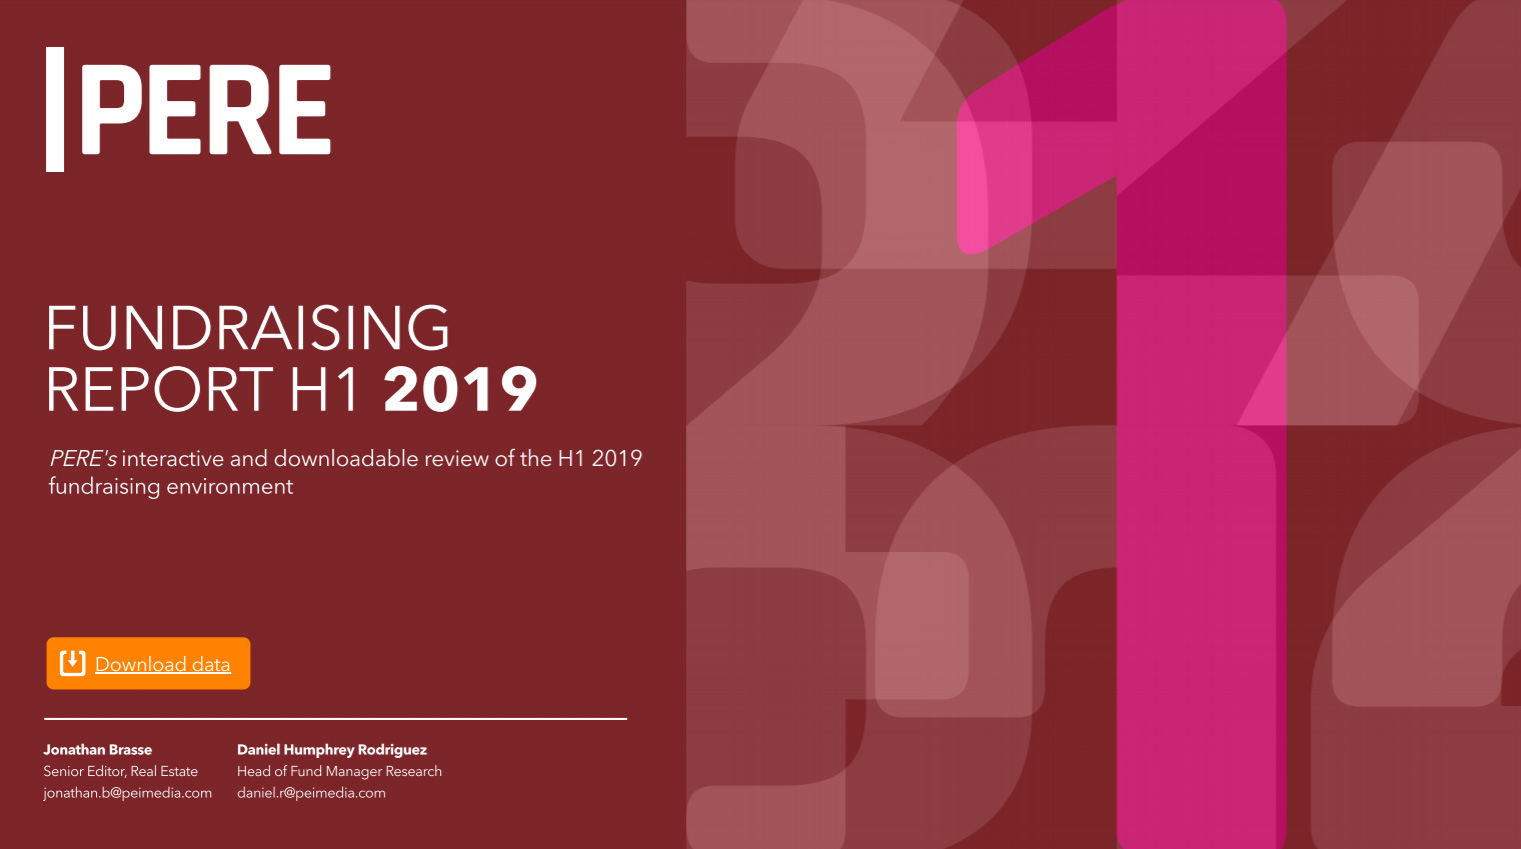 PERE Fundraising Report H1 2019